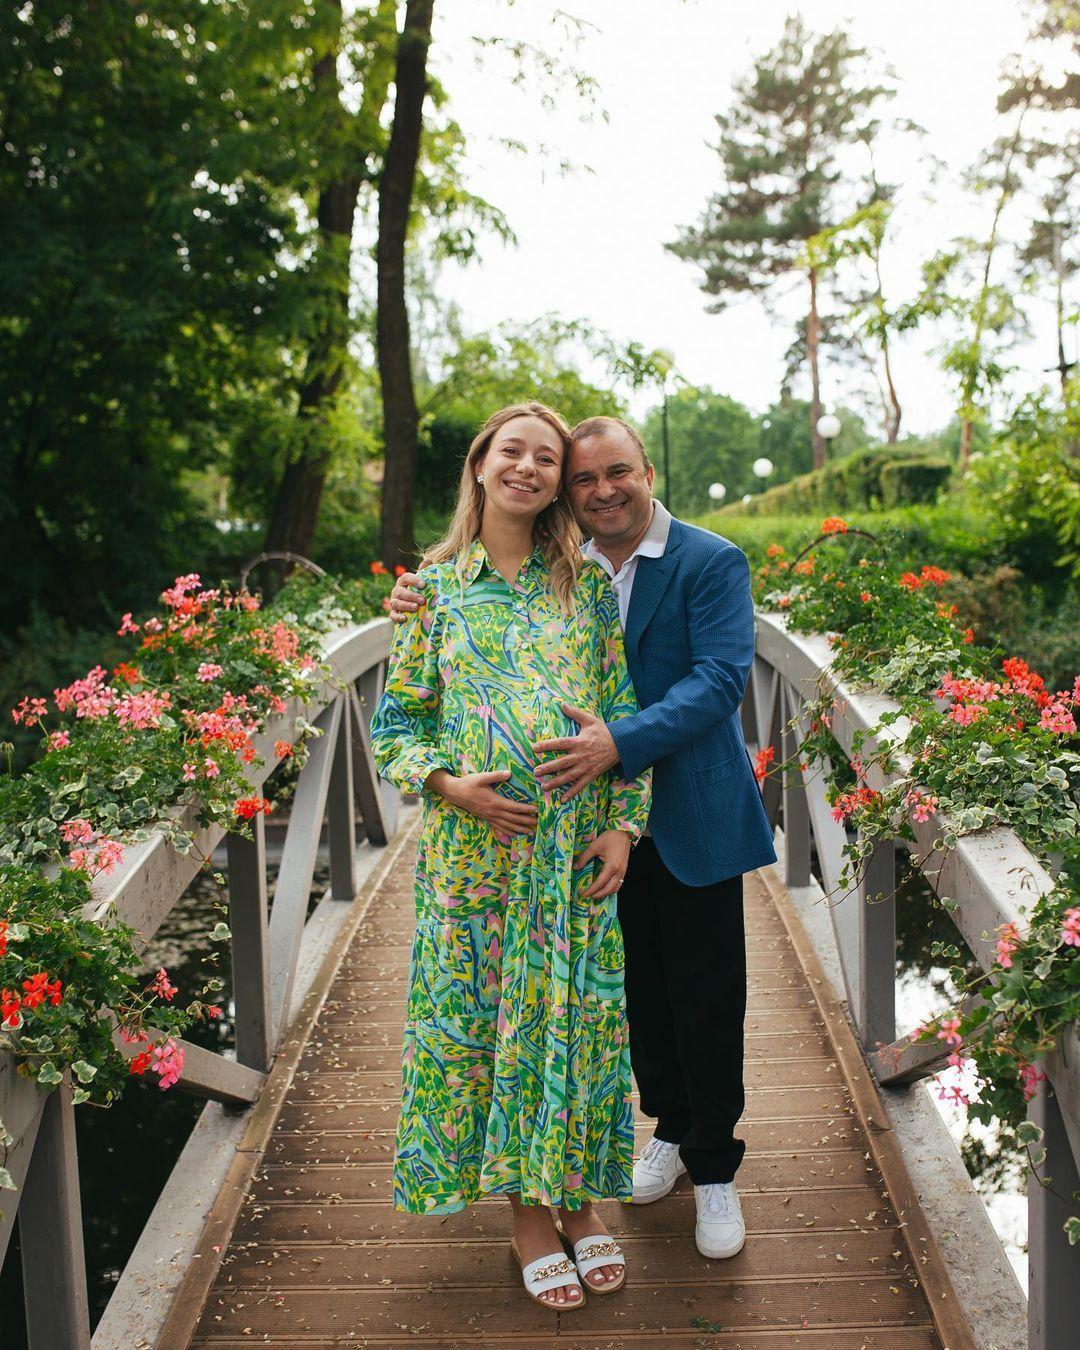 Виктор Павлик и Екатерина Репяхова / instagram.com/repyahovakate